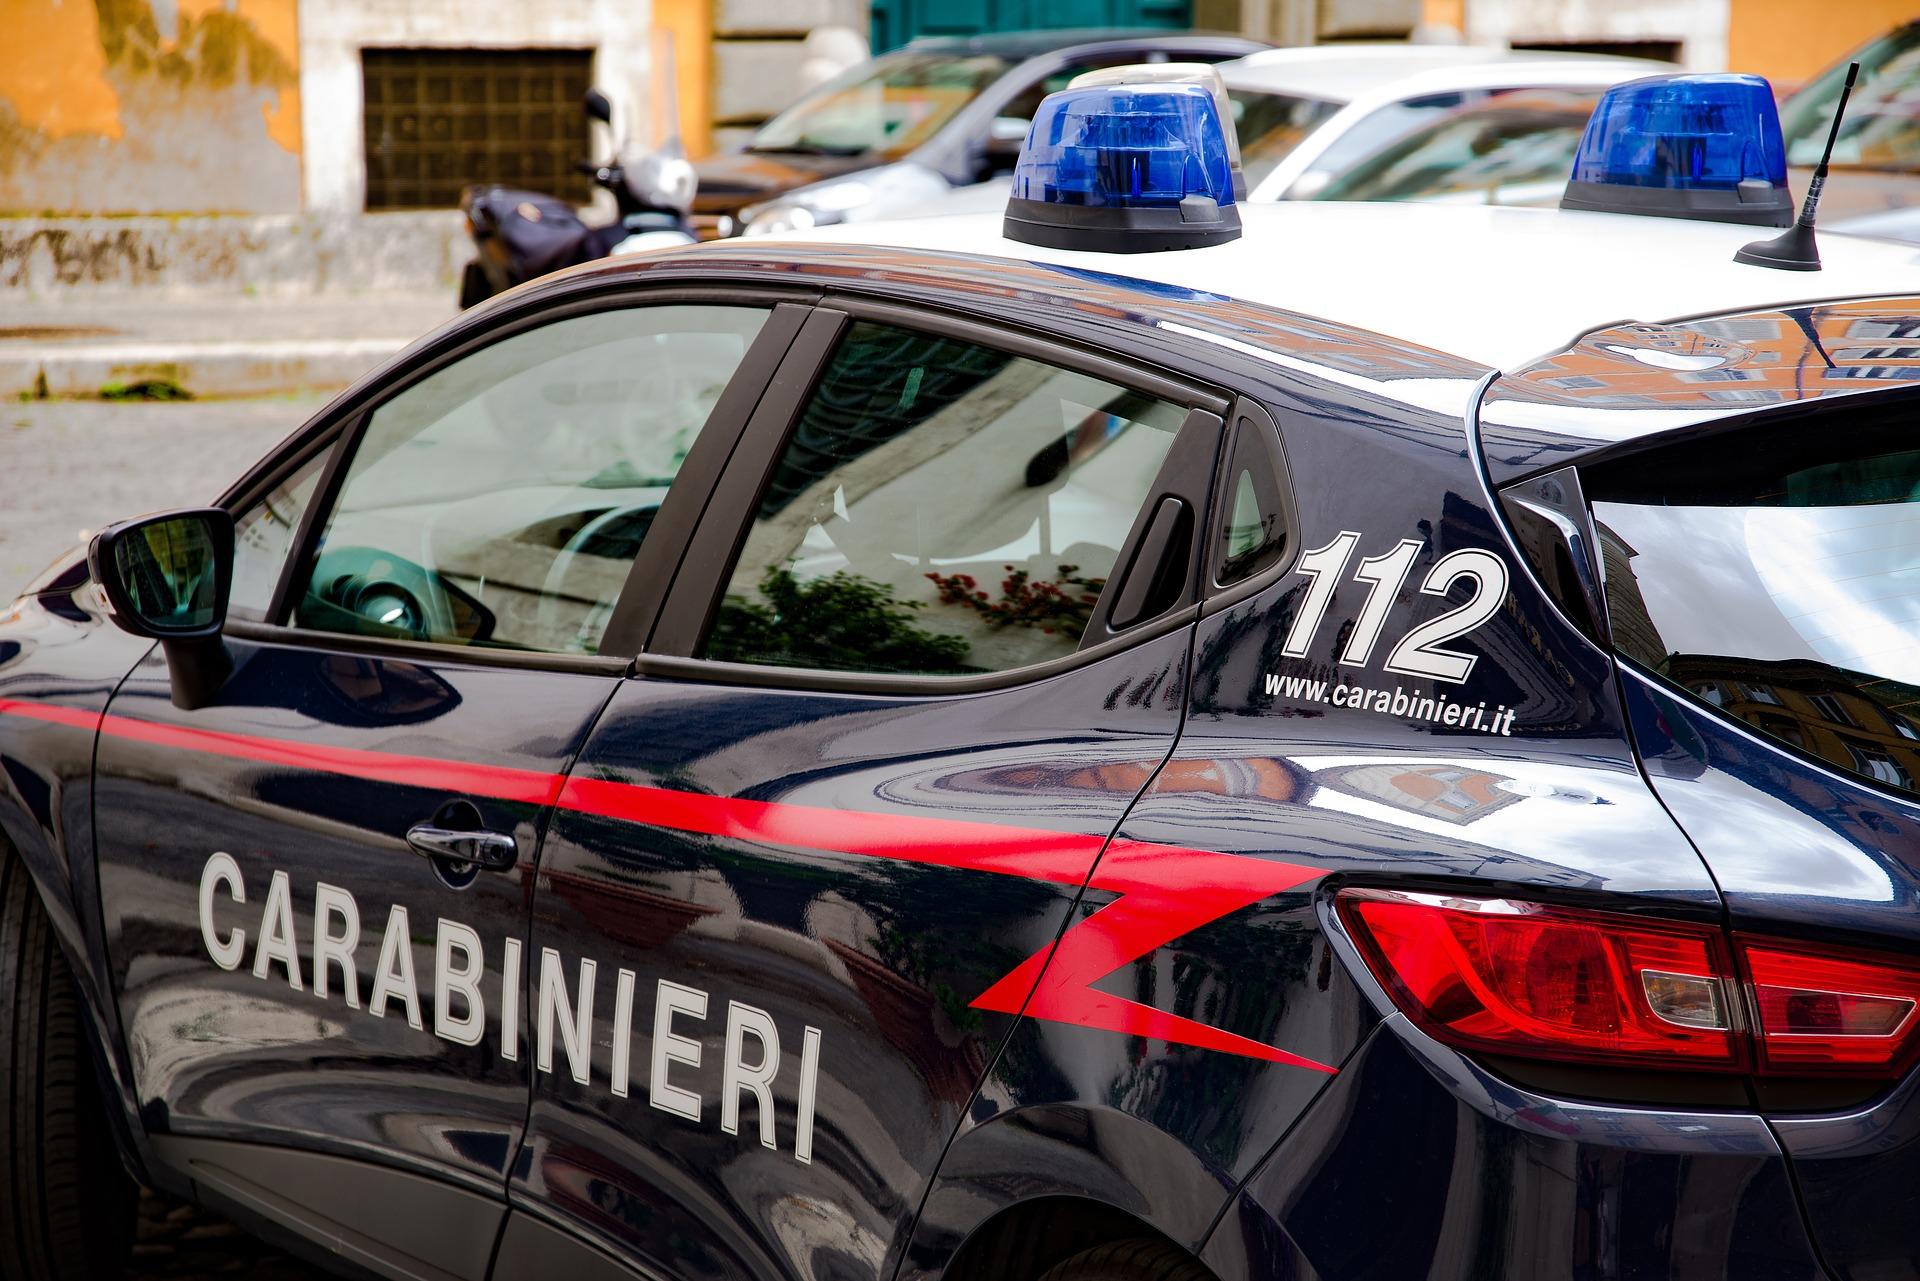 Pordenone, assolda uno straniero per punire i servizi sociali colpevoli di aver messo la figlia in comunità: arrestato